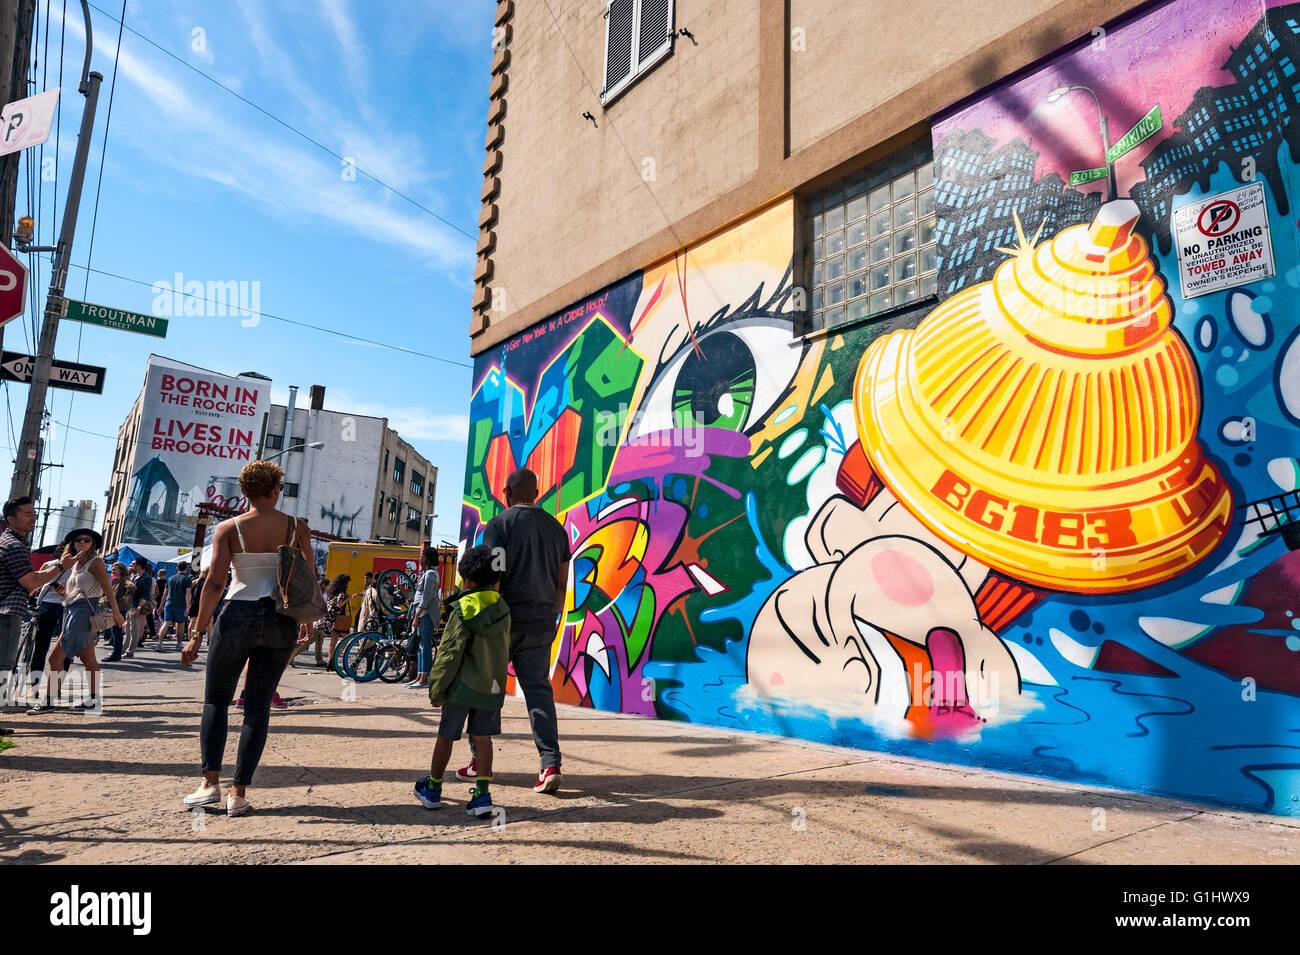 The Bushwick neighborhood in Brooklyn, New York City, is known for it's street art, graffiti murals, the Bushwick - Stock Image